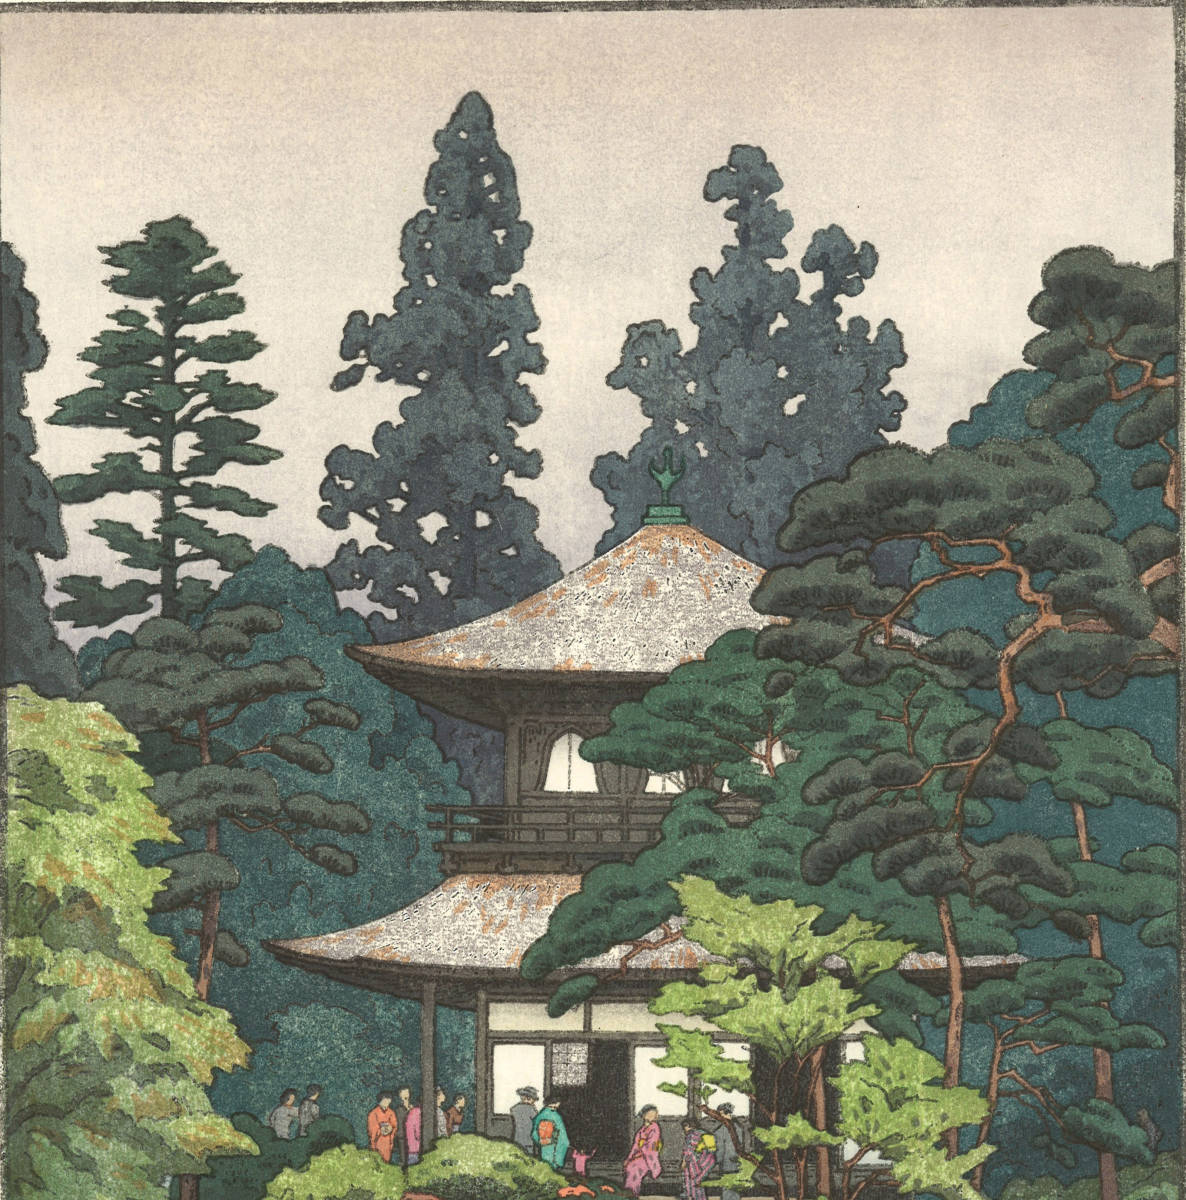 吉田遠志 木版画 015112 銀閣 Silver pavilion kyoto 初摺1951年   最高峰の摺師の技をご堪能下さい!!_画像6